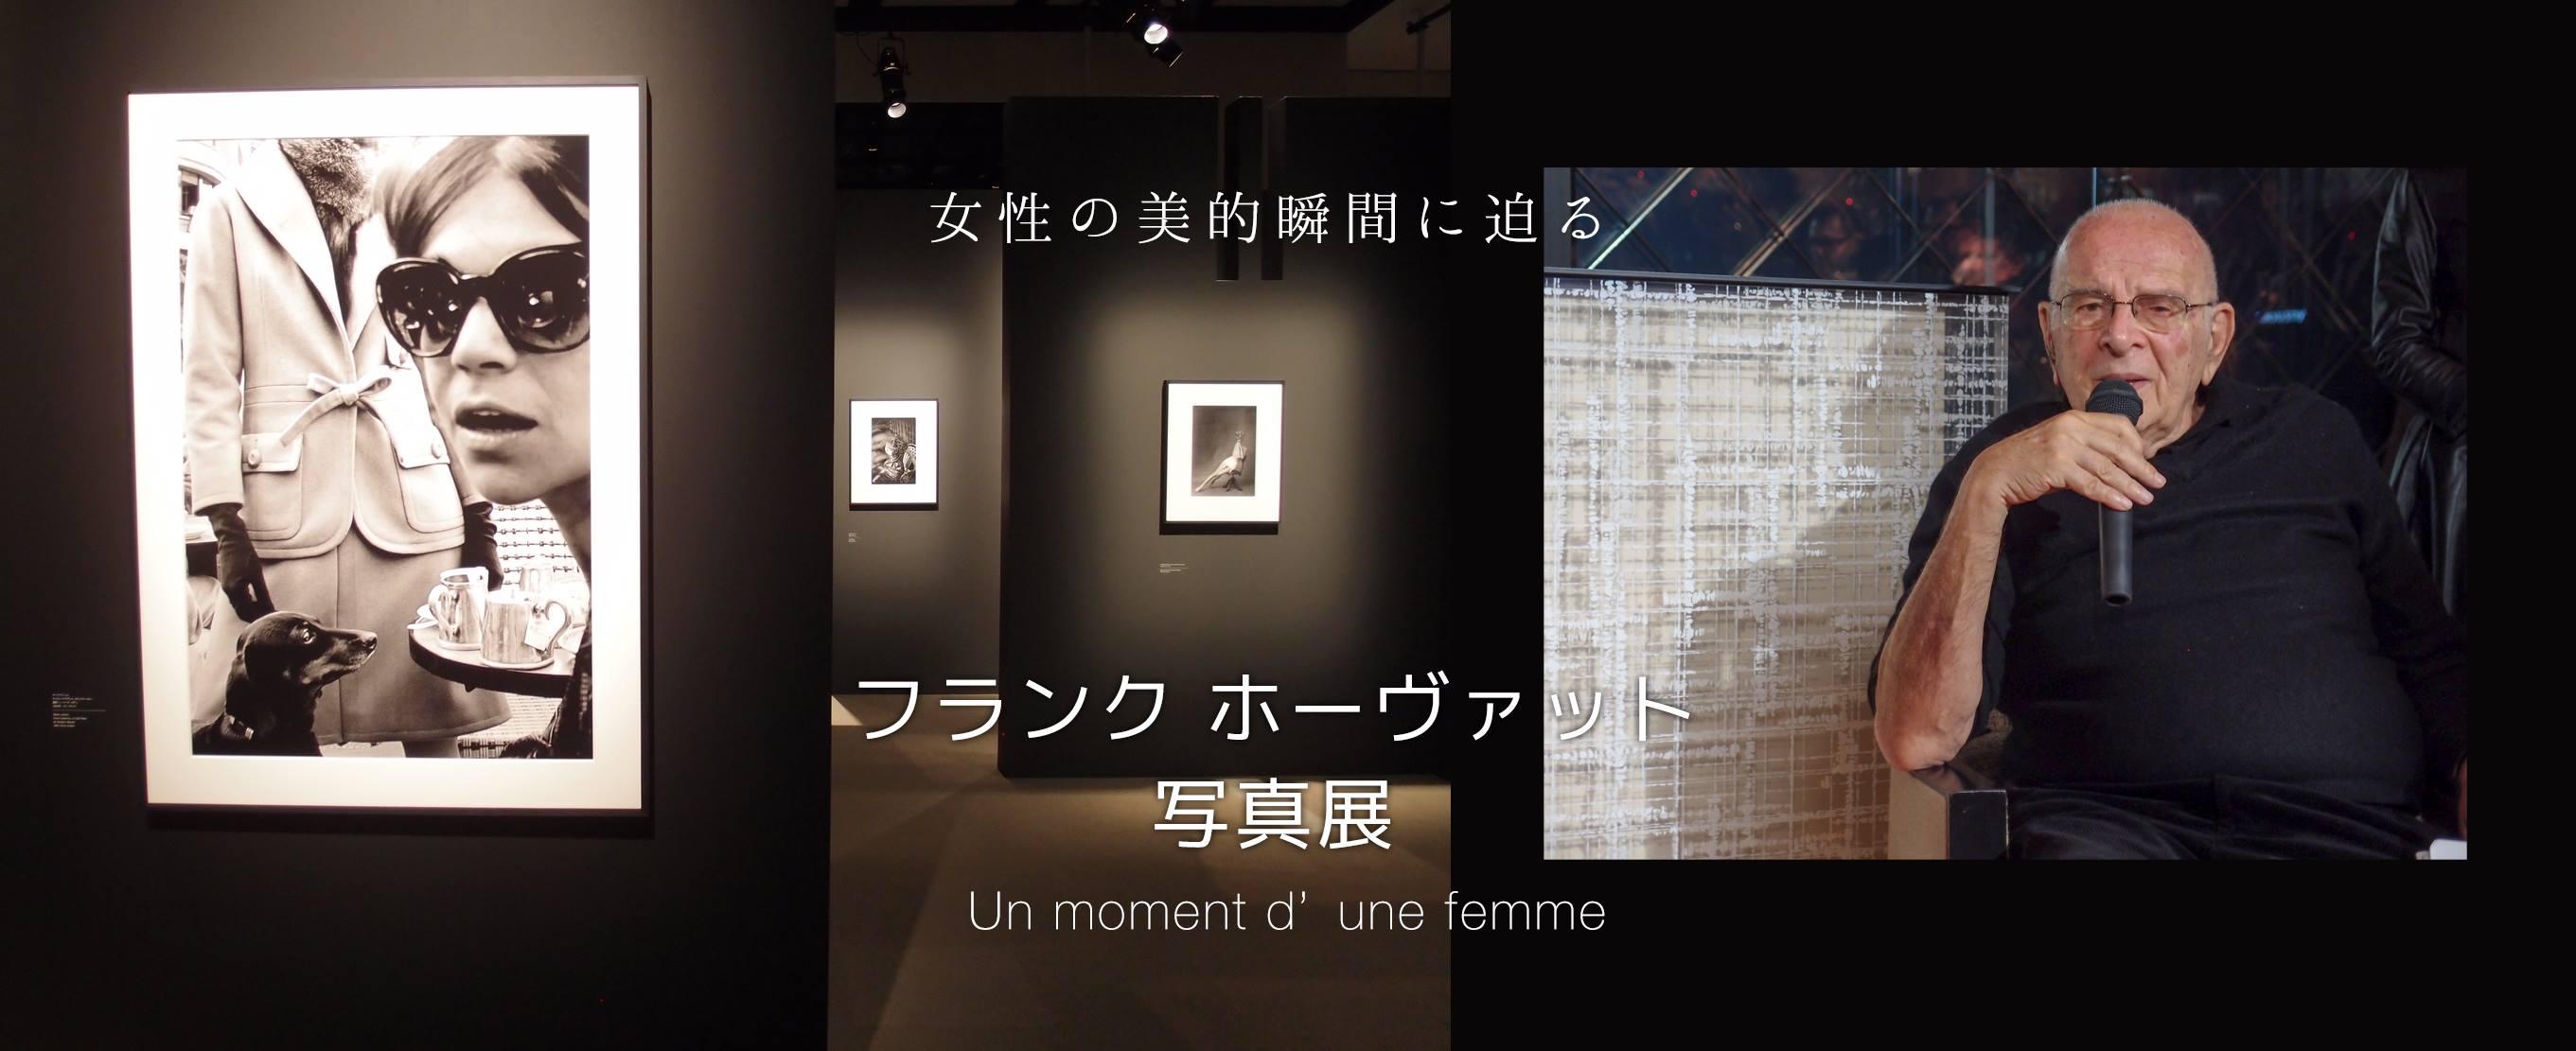 女性の美的瞬間に迫る『フランク ホーヴァット写真展 Un moment d'une femme 』